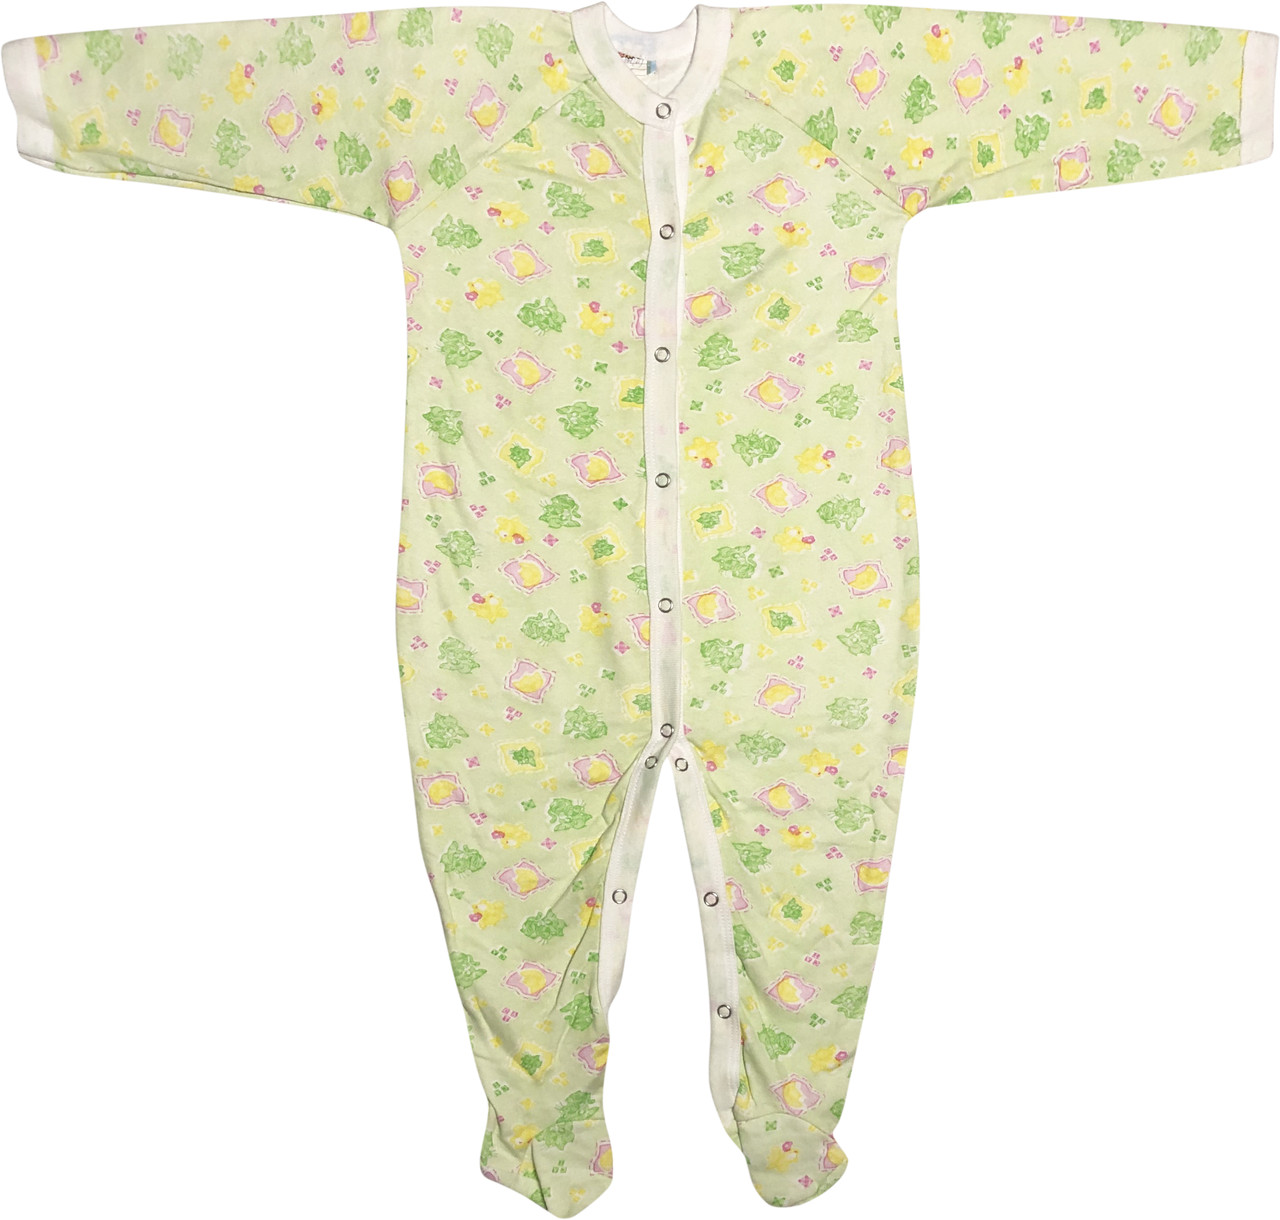 Теплий чоловічок з начосом для новонароджених ріст 86 1-1,5 року на хлопчика дівчинку сліп футер салатовий